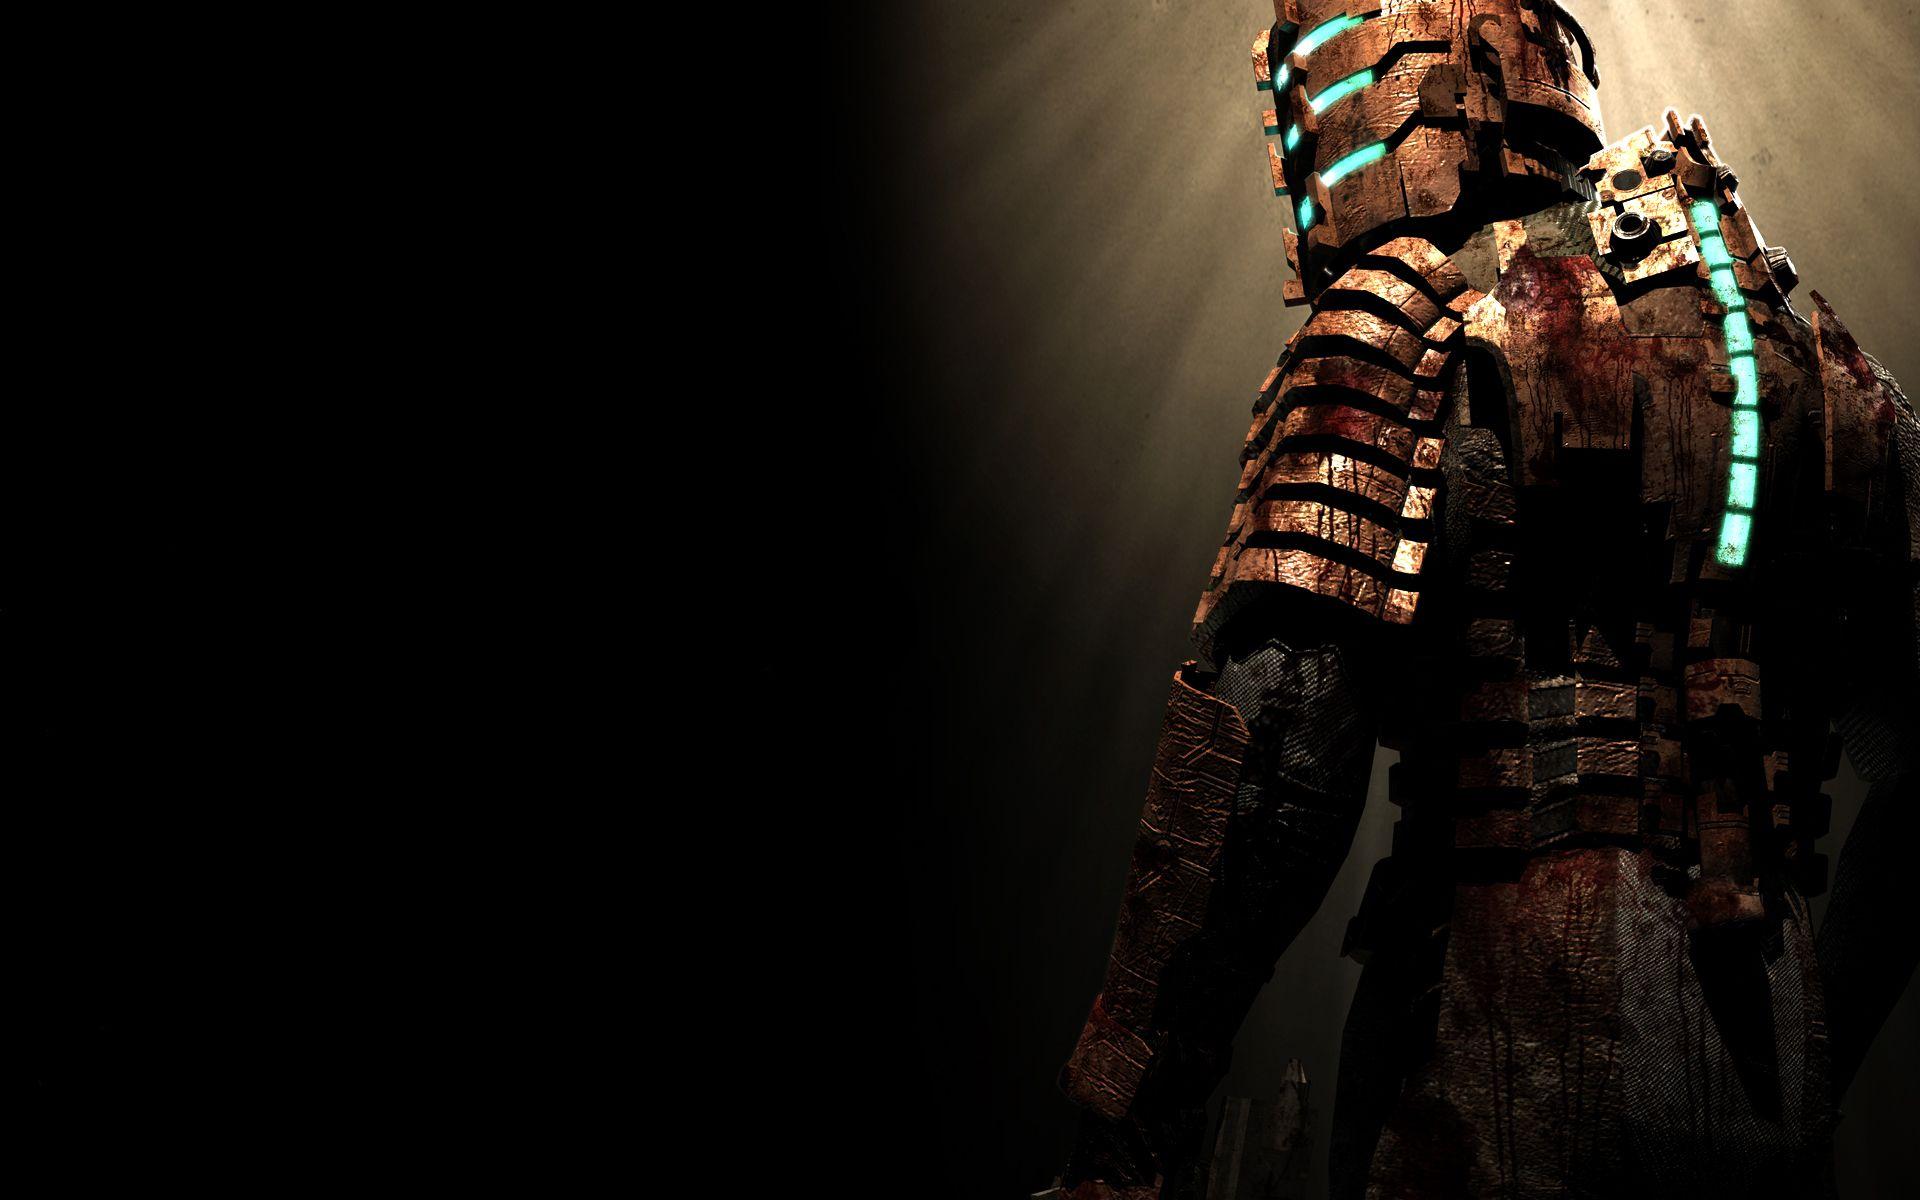 Dead Space 2 Wallpaper HD | Games Wallpapers | Pinterest | Dead